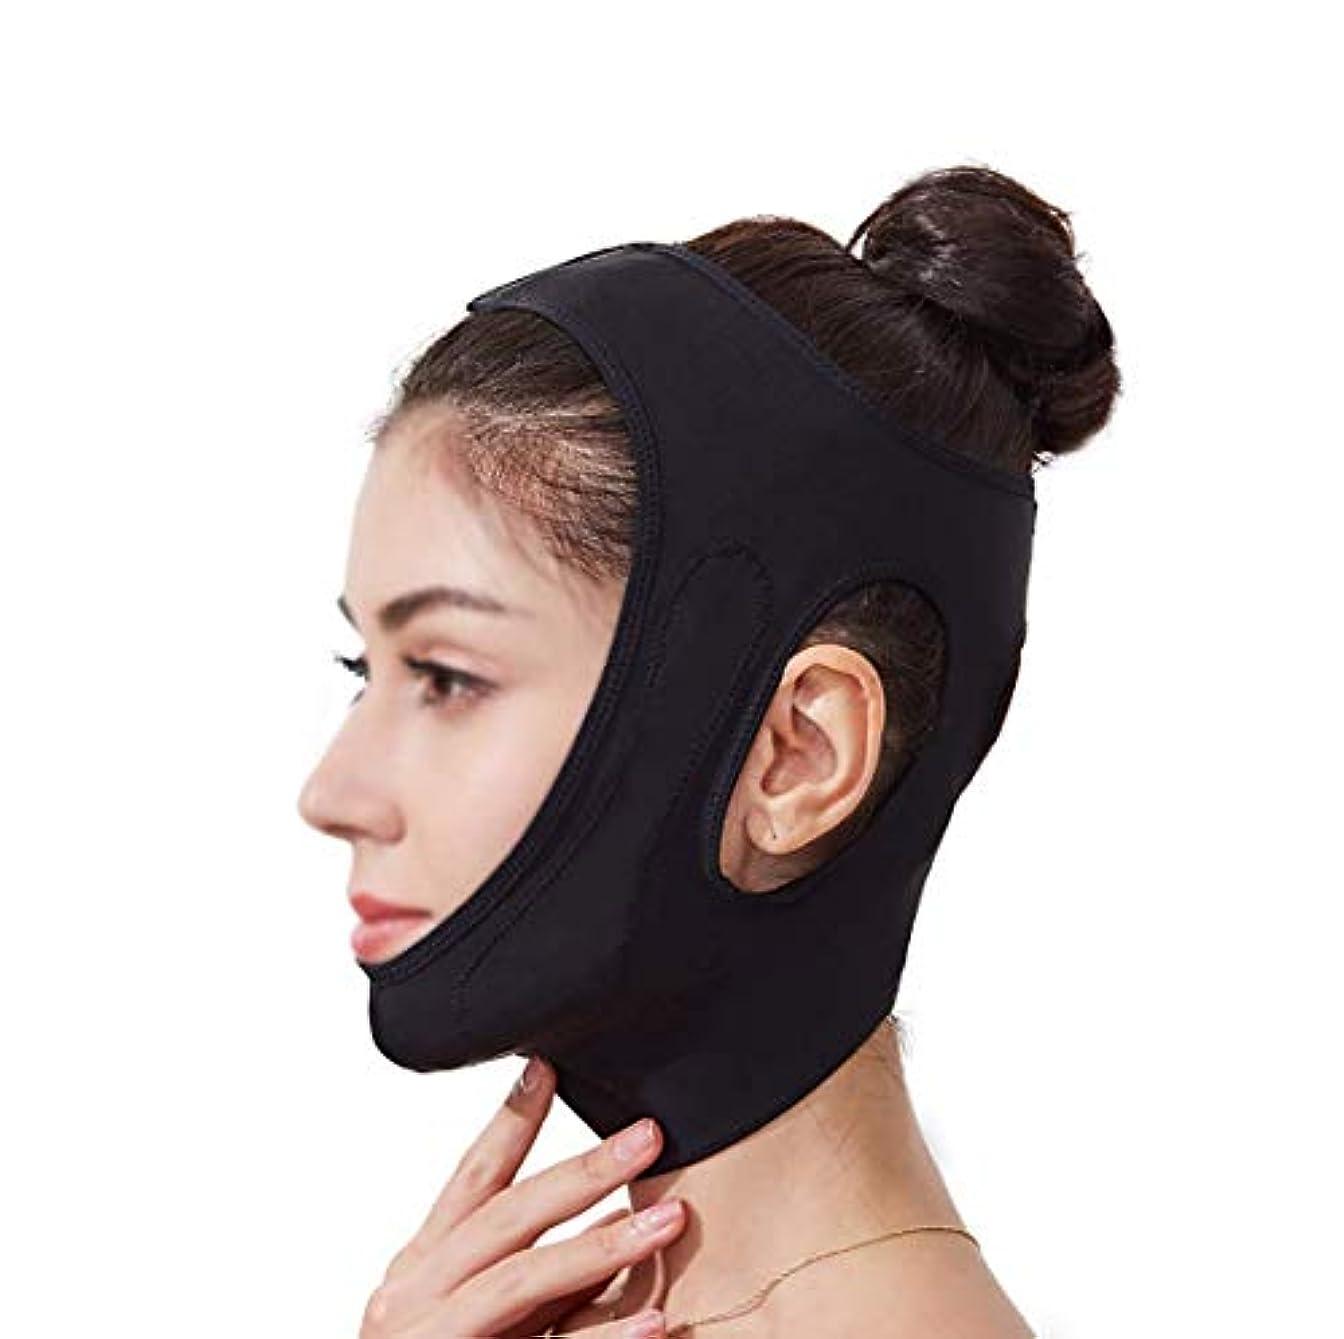 再生可能とても仕事に行くフェイスリフティングマスク、360°オールラウンドリフティングフェイシャルコンター、あごを閉じて肌を引き締め、快適でフェイスライトをサポートし、通気性を保ちます(サイズ:ブラック),ブラック